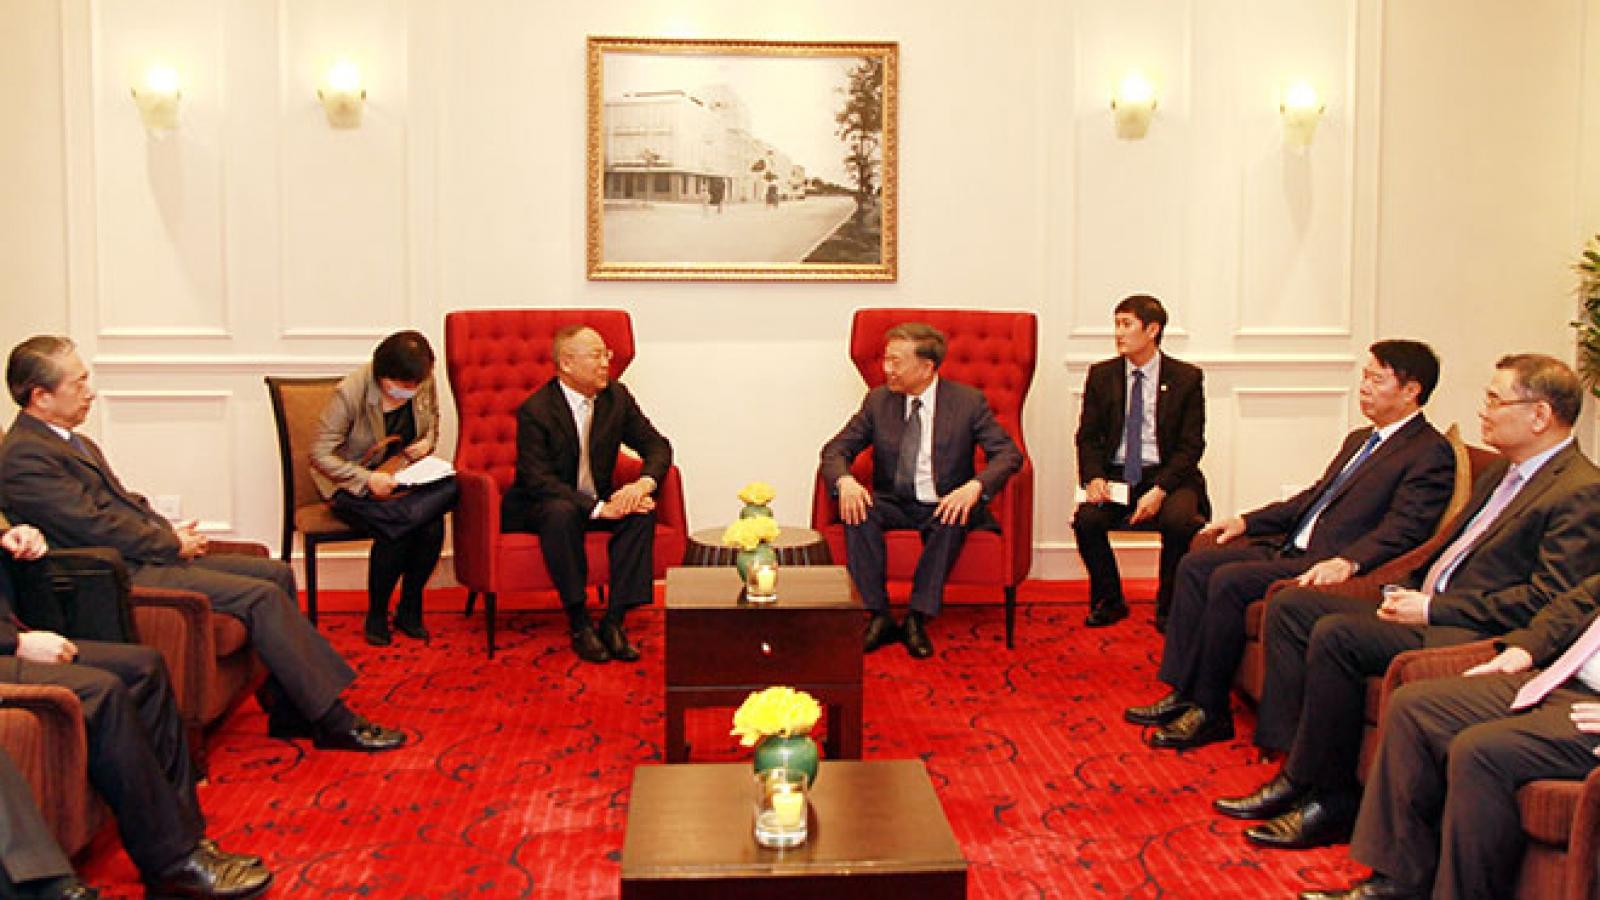 Bộ trưởng Công an Tô Lâm tiếp Thứ trưởng Bộ An ninh Quốc gia Trung Quốc